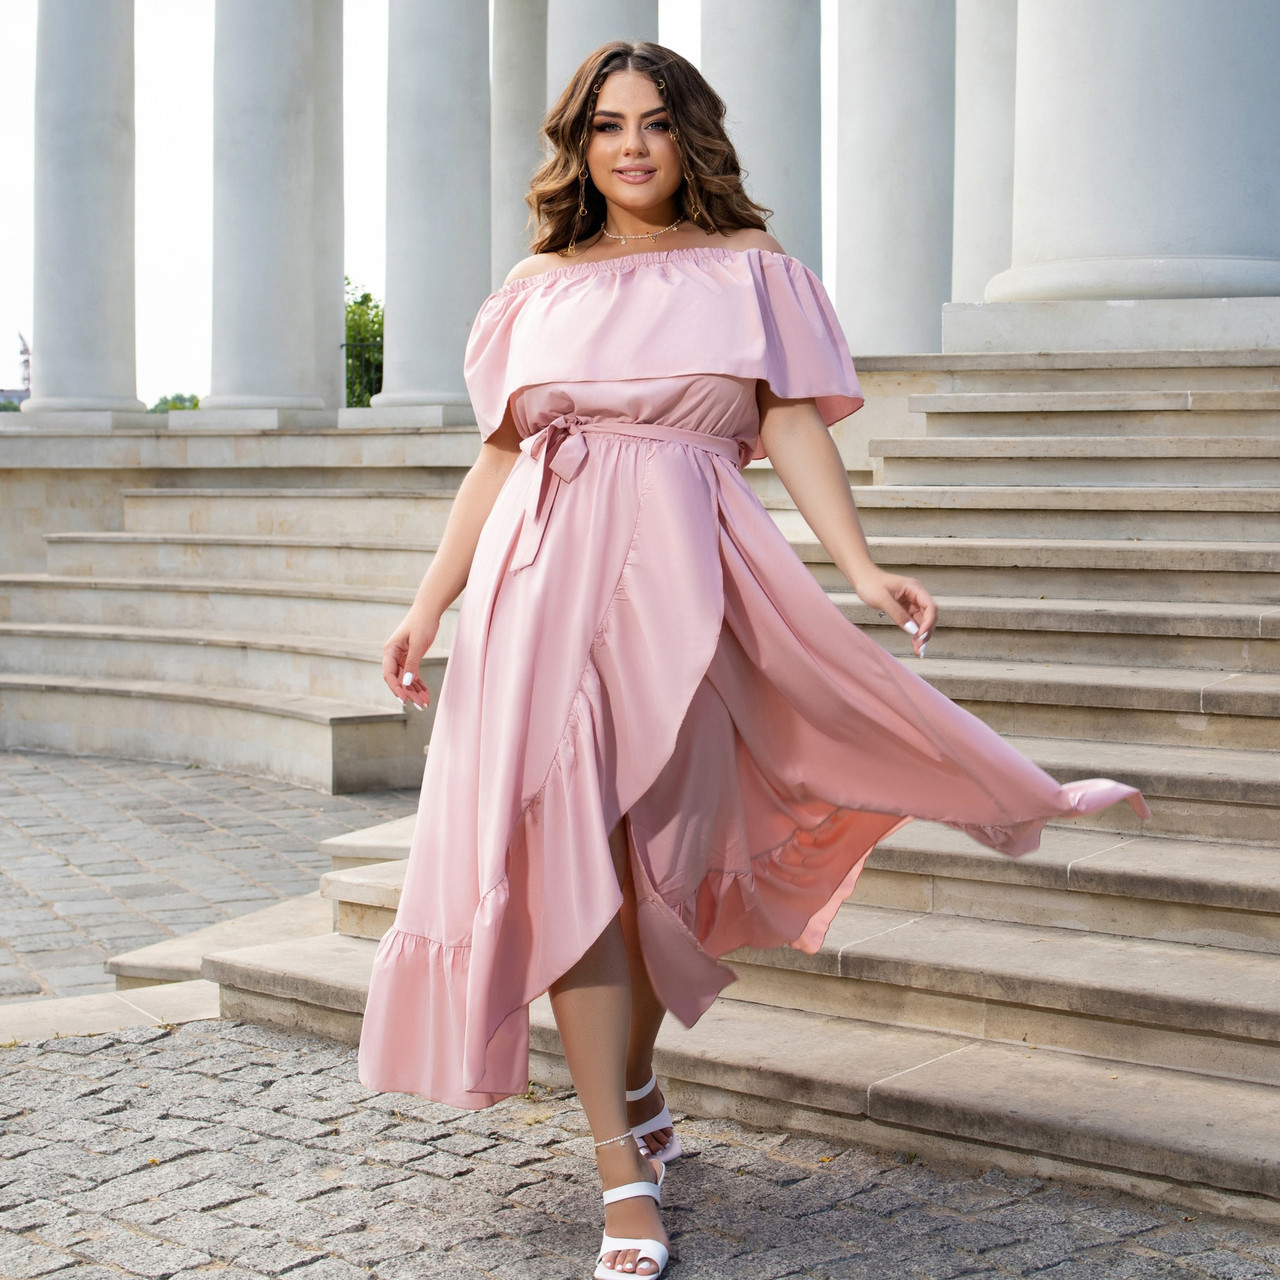 Лёгкое нарядное платье в пол с шикарным воланом